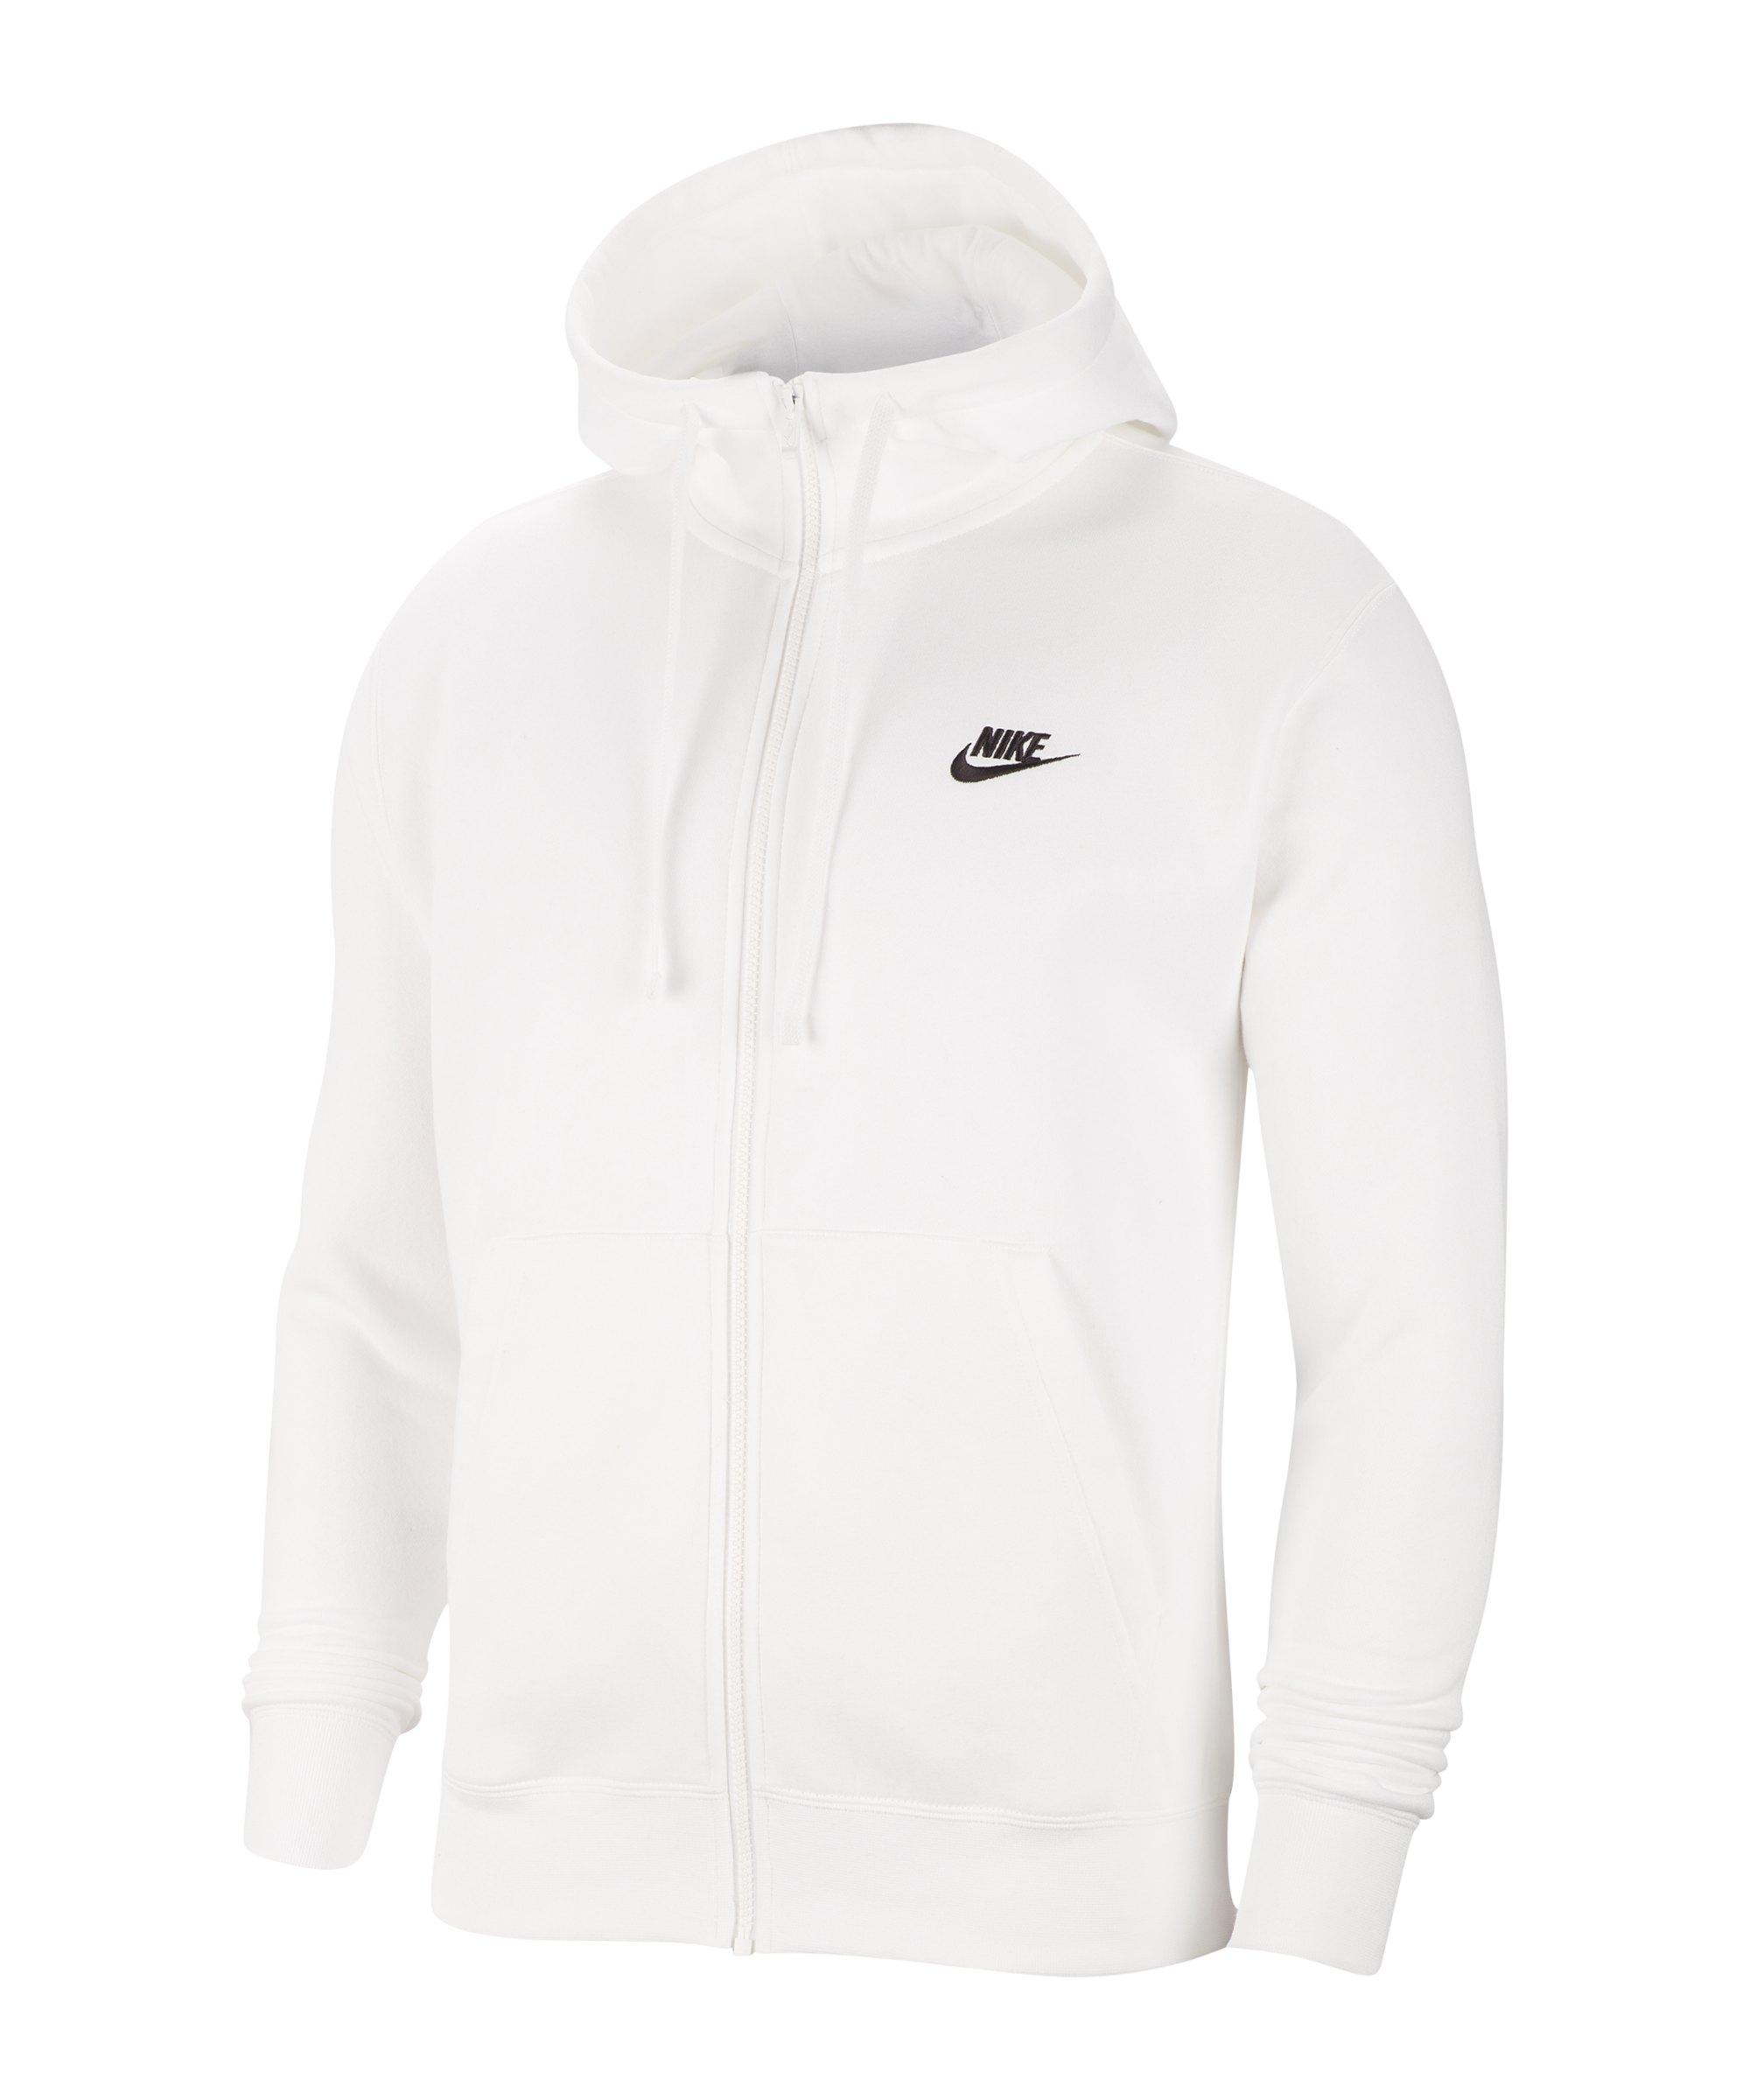 Nike Club Fleece Kapuzenjacke Weiss Schwarz F100 - weiss